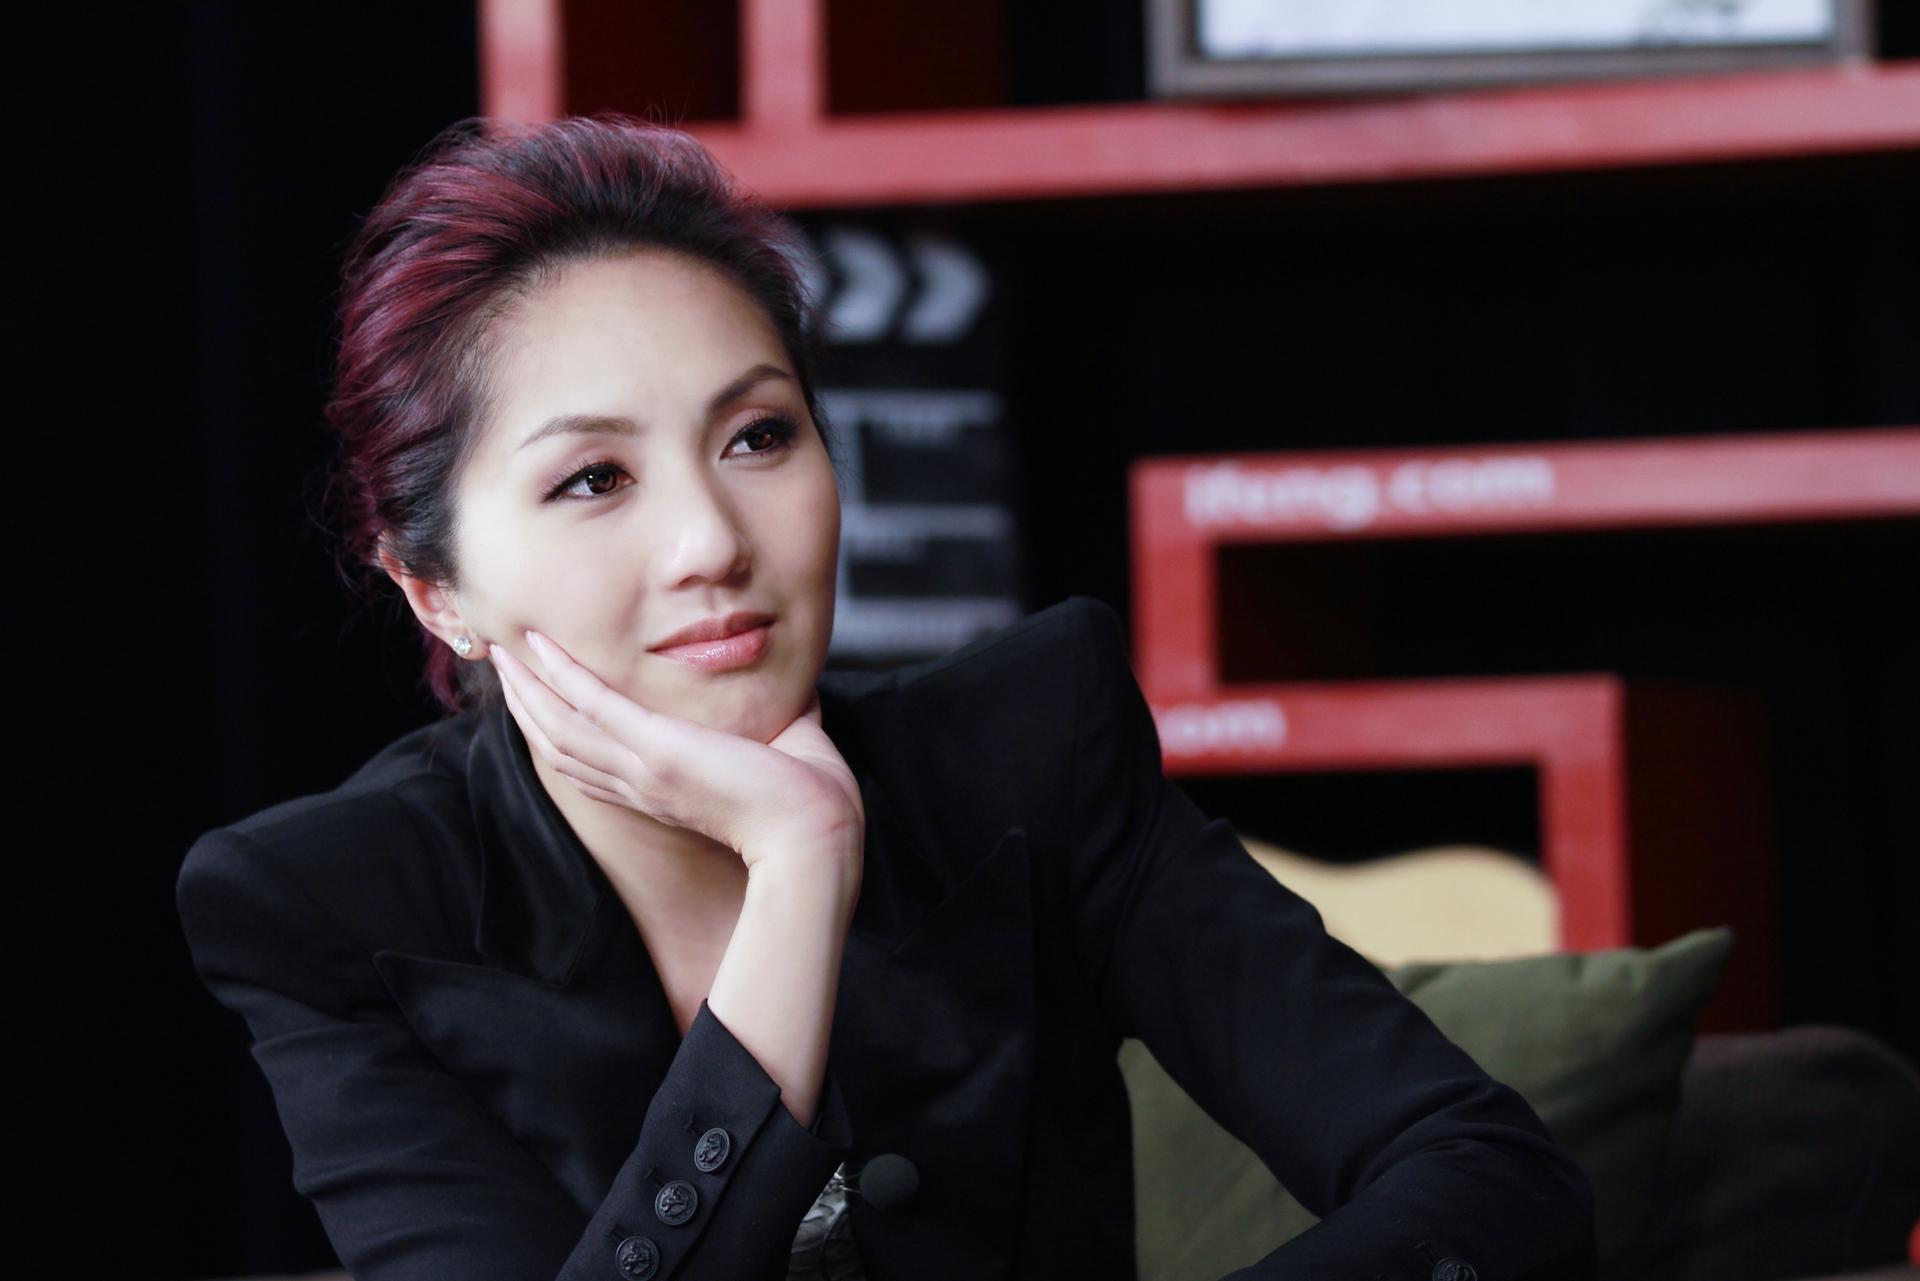 杨千嬅自述与老公相识过程 自豪从未缺席孩子成长